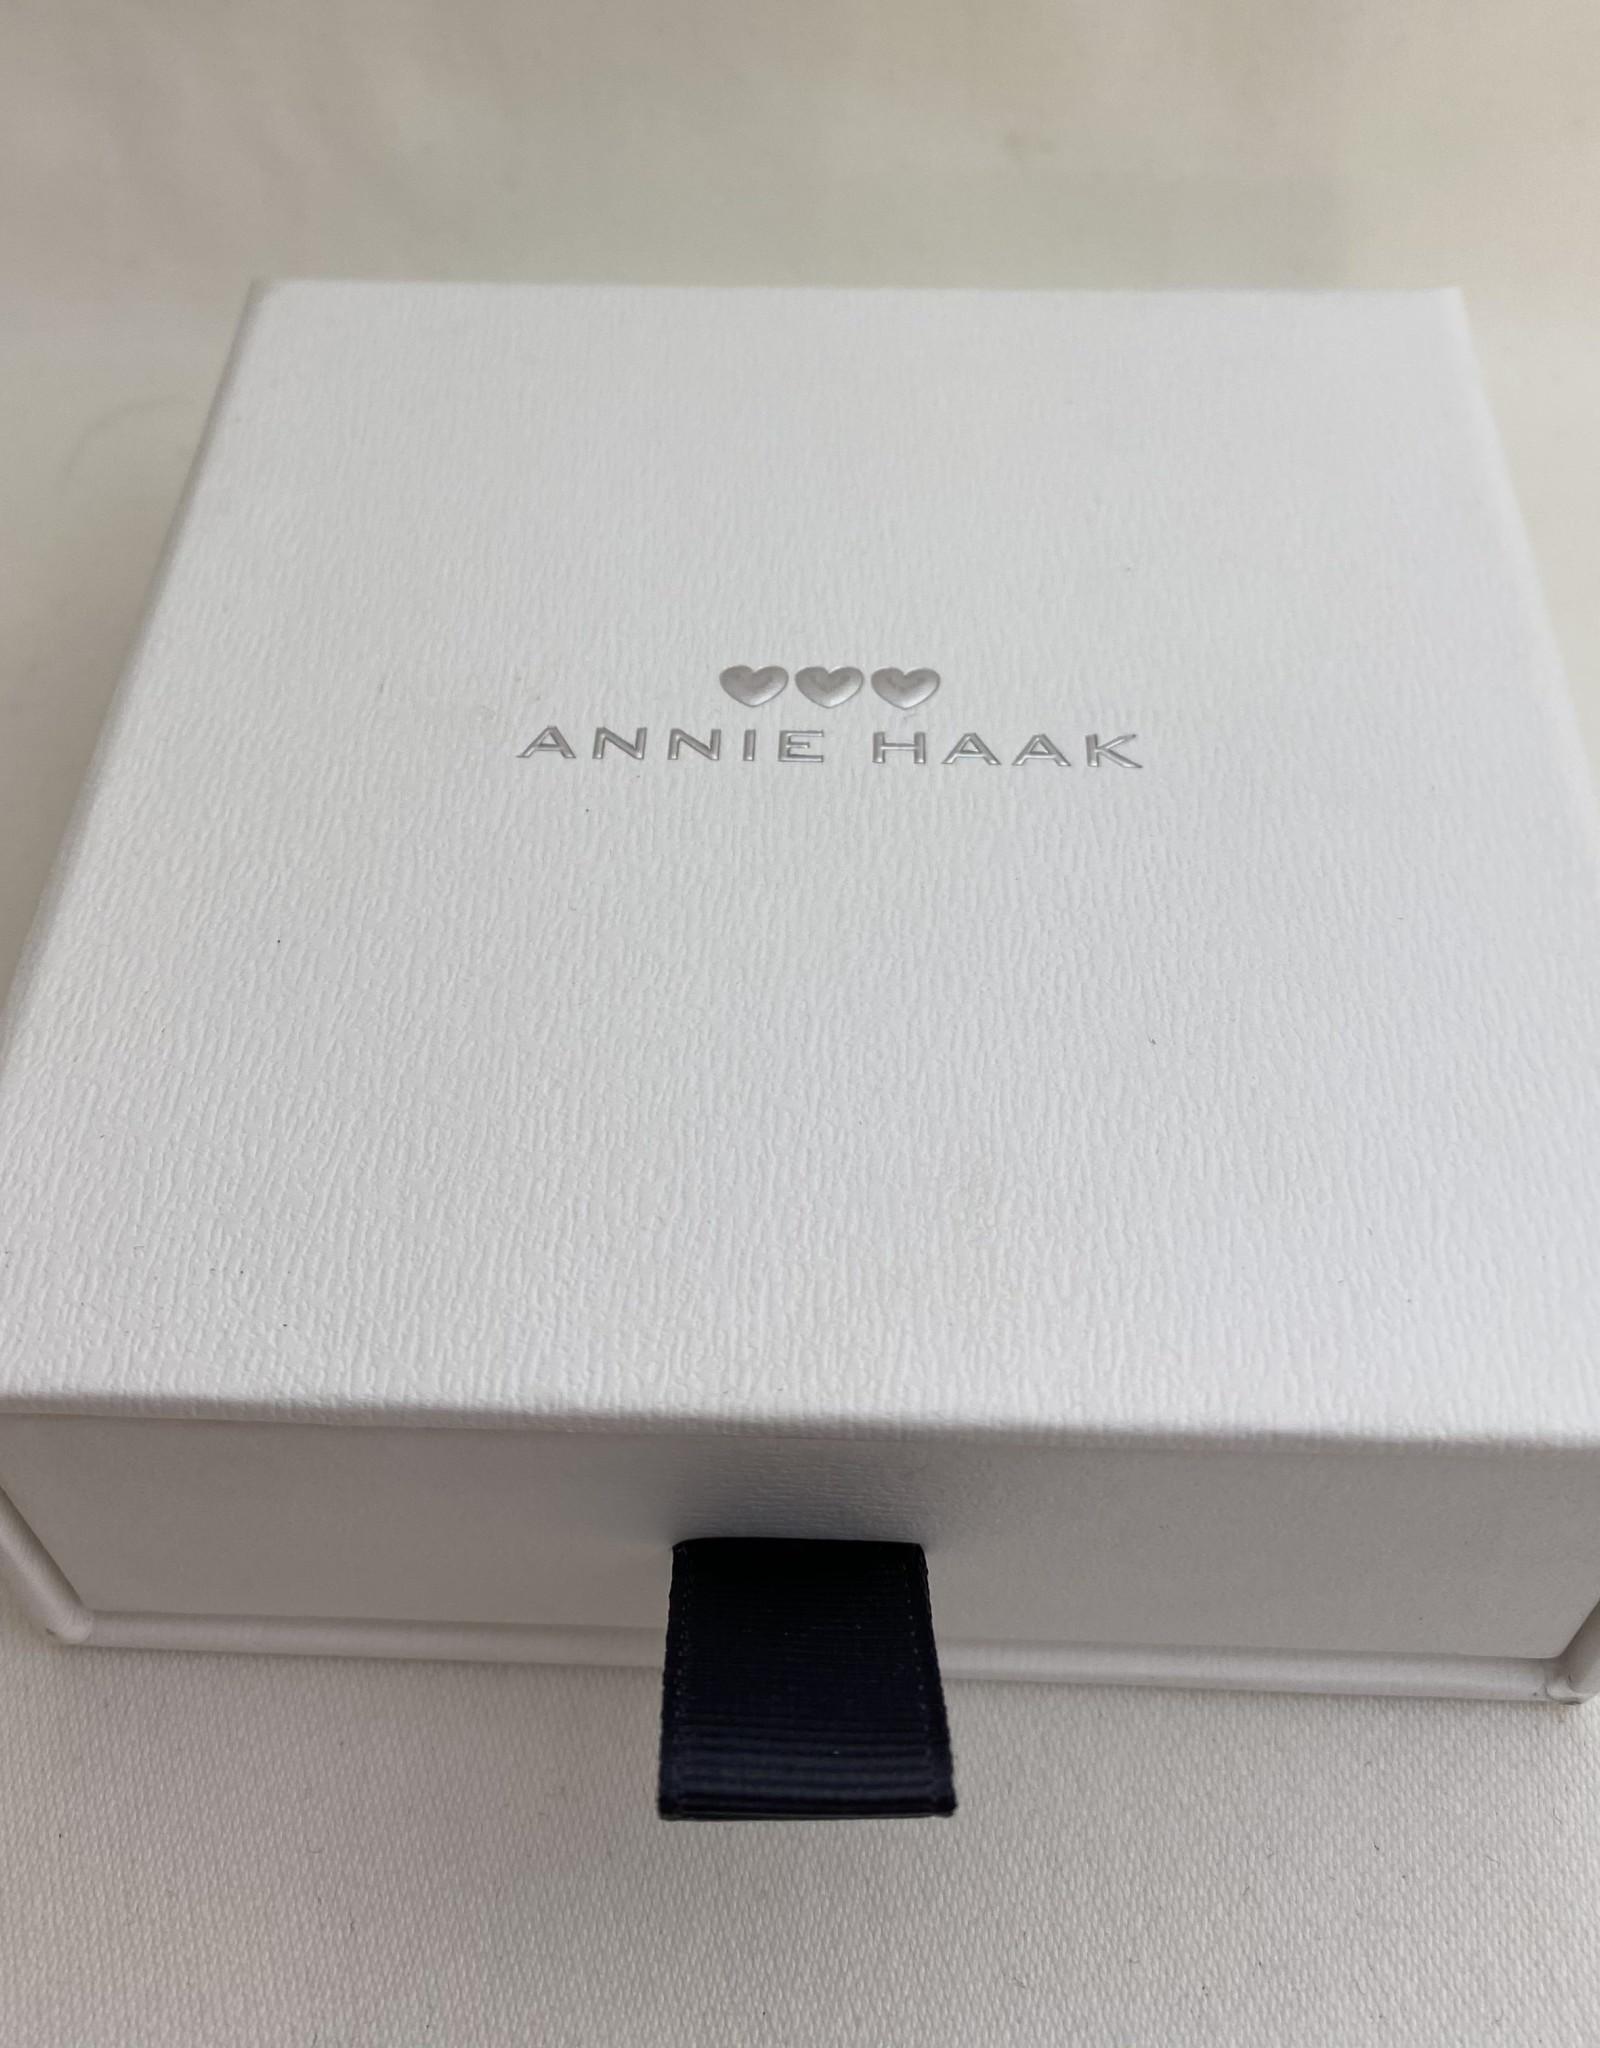 ANNIE HAAK SAMA STERLING SILVER BRACELET 17 CM FROM ANNIE HAAK